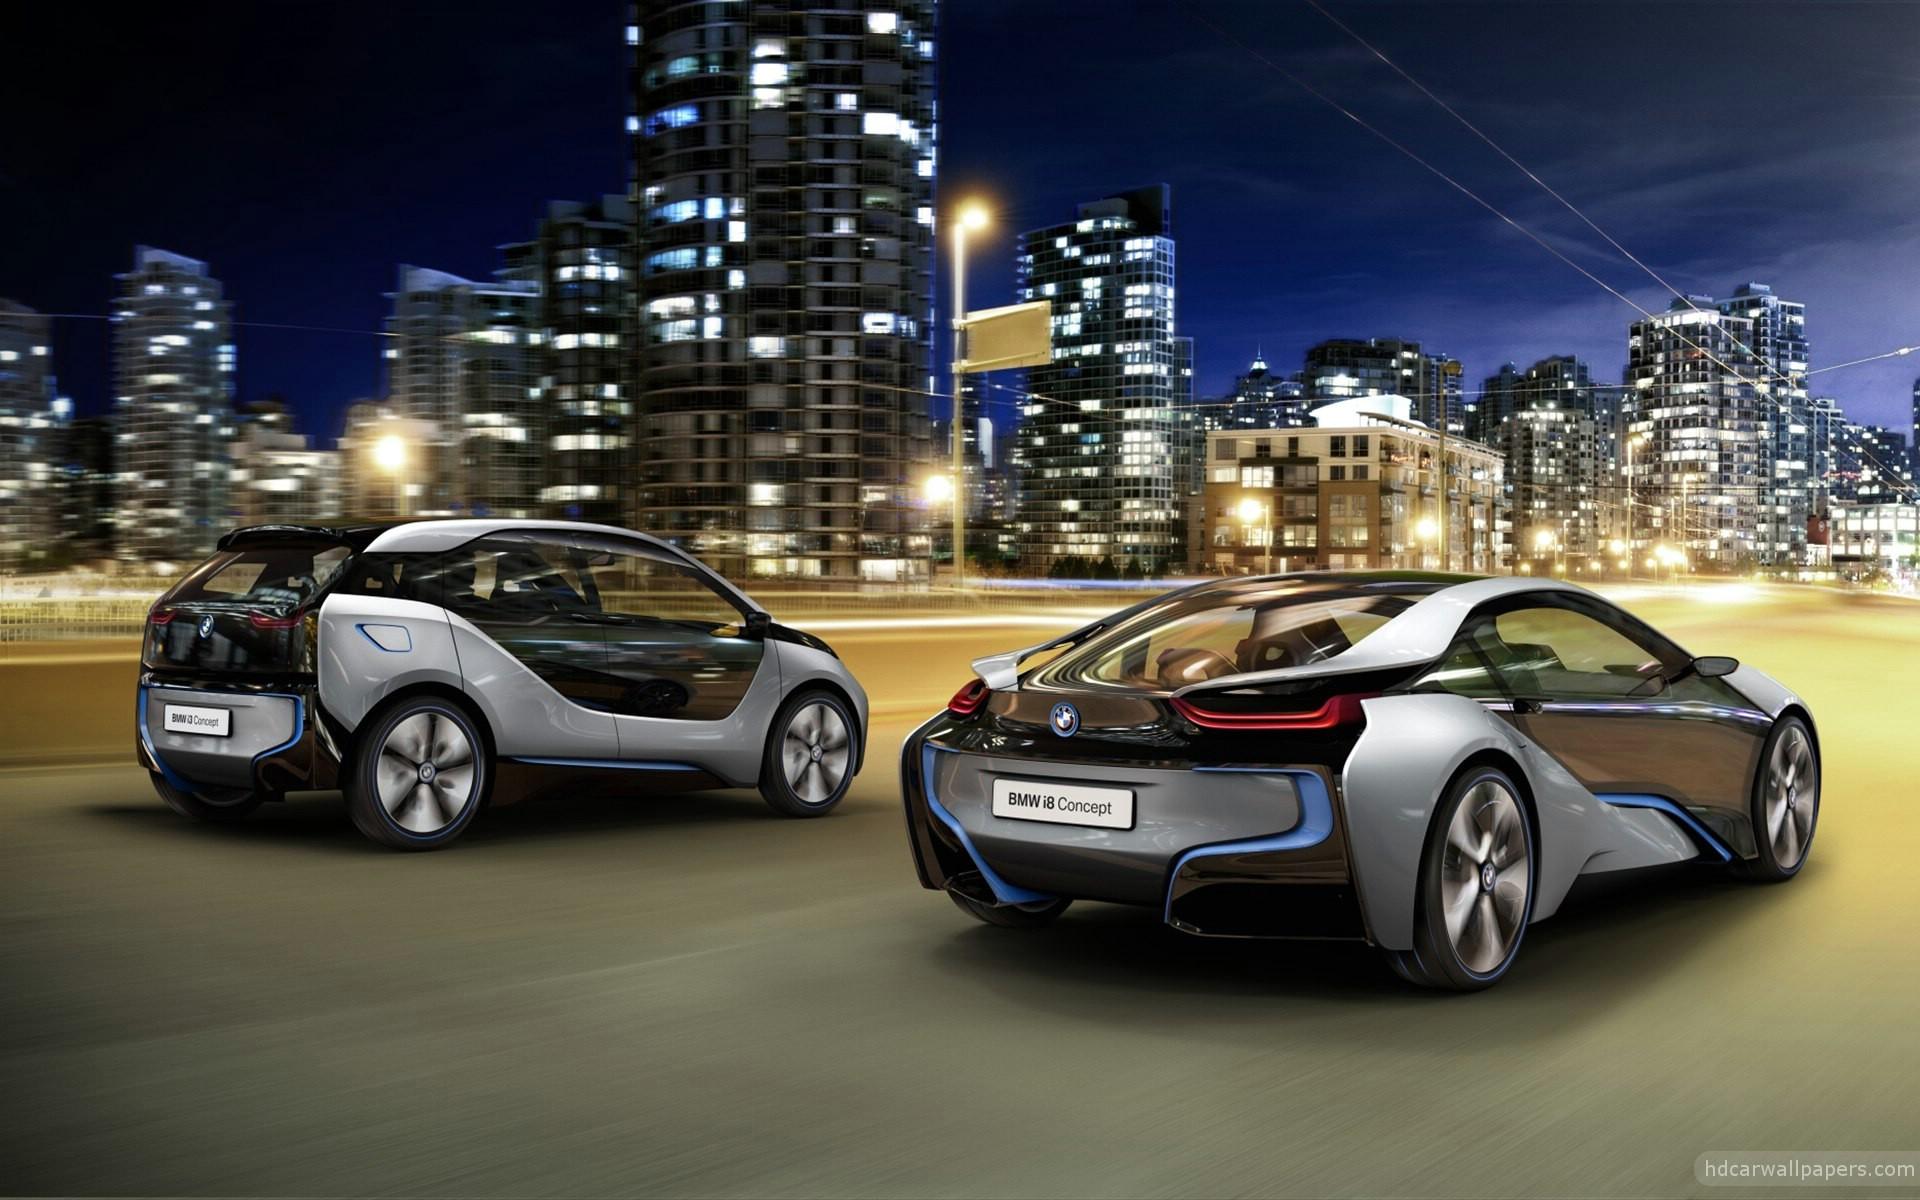 2012 bmw i8 i3 concept cars 4 wallpaper hd car wallpapers id 2148. Black Bedroom Furniture Sets. Home Design Ideas